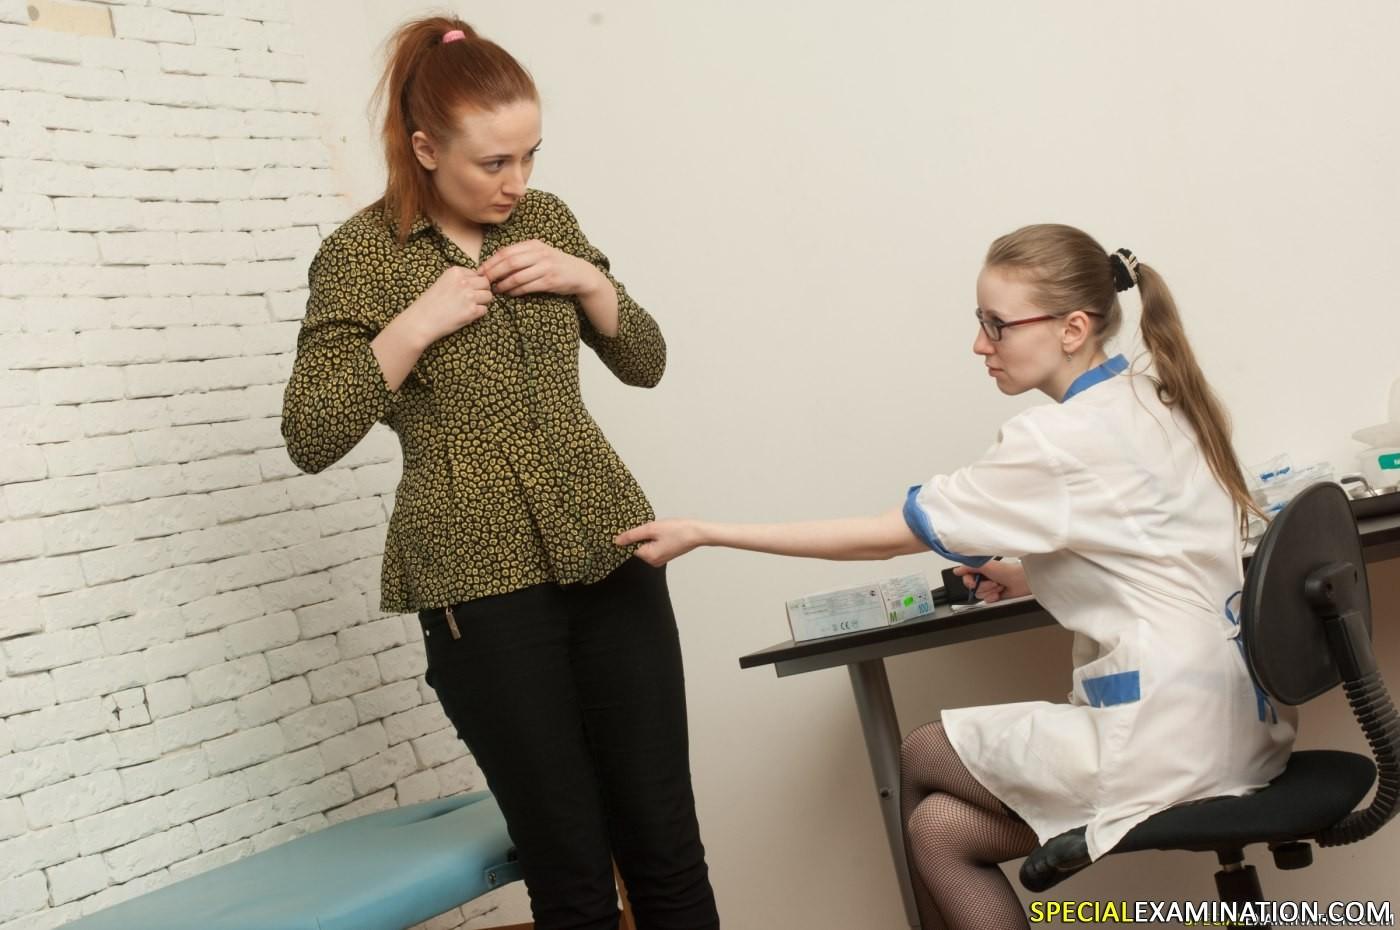 Развратная медсестра обследовала девушку полностью